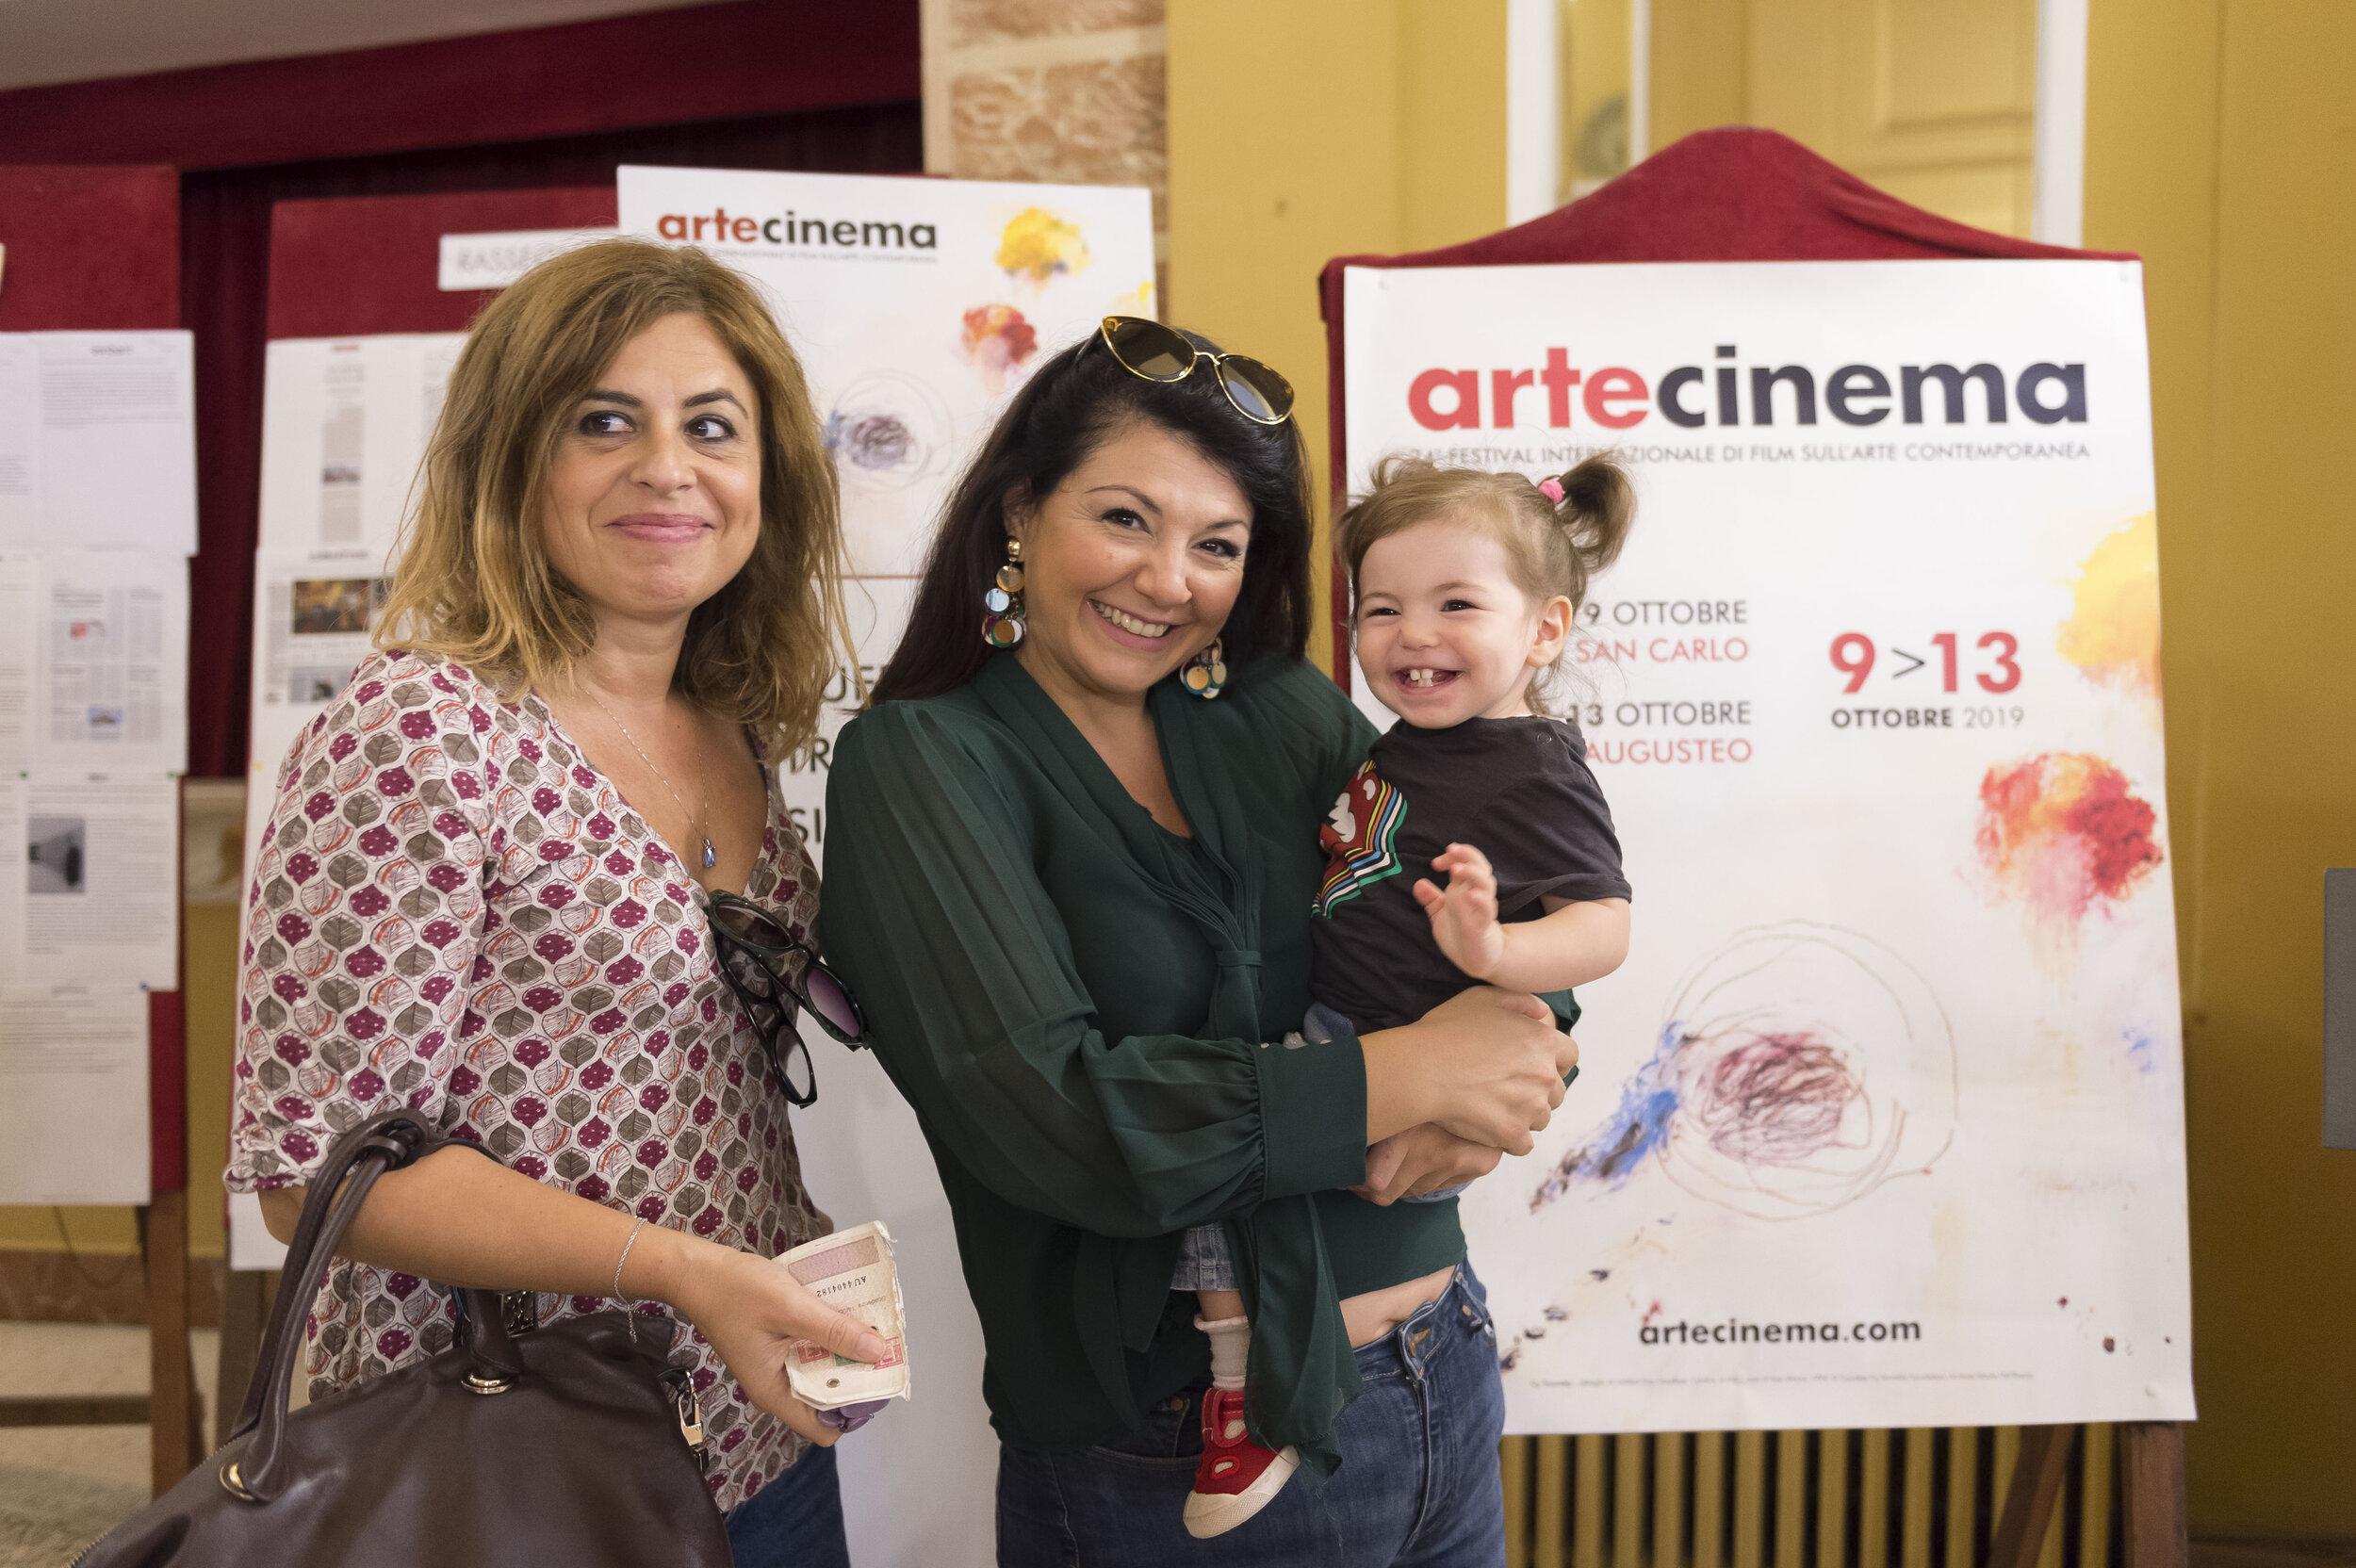 Artecinema 2019_ph Francesco Squeglia_9906.jpg